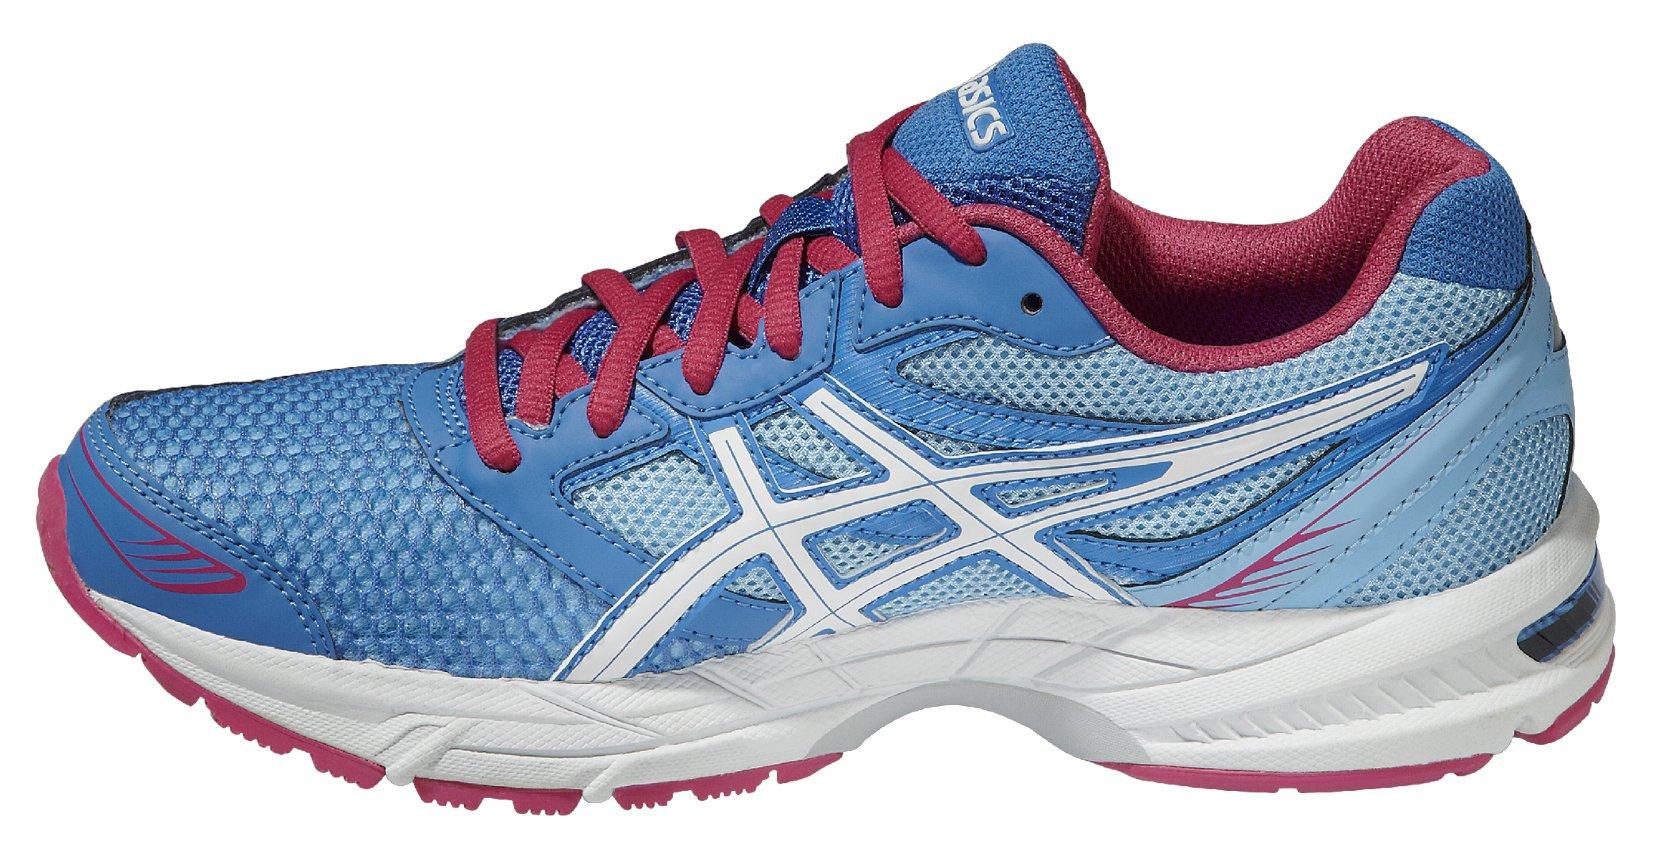 31b2b4c9 Купить женские кроссовки Asics Gel-Emperor 2 W   Интернет-магазин ...